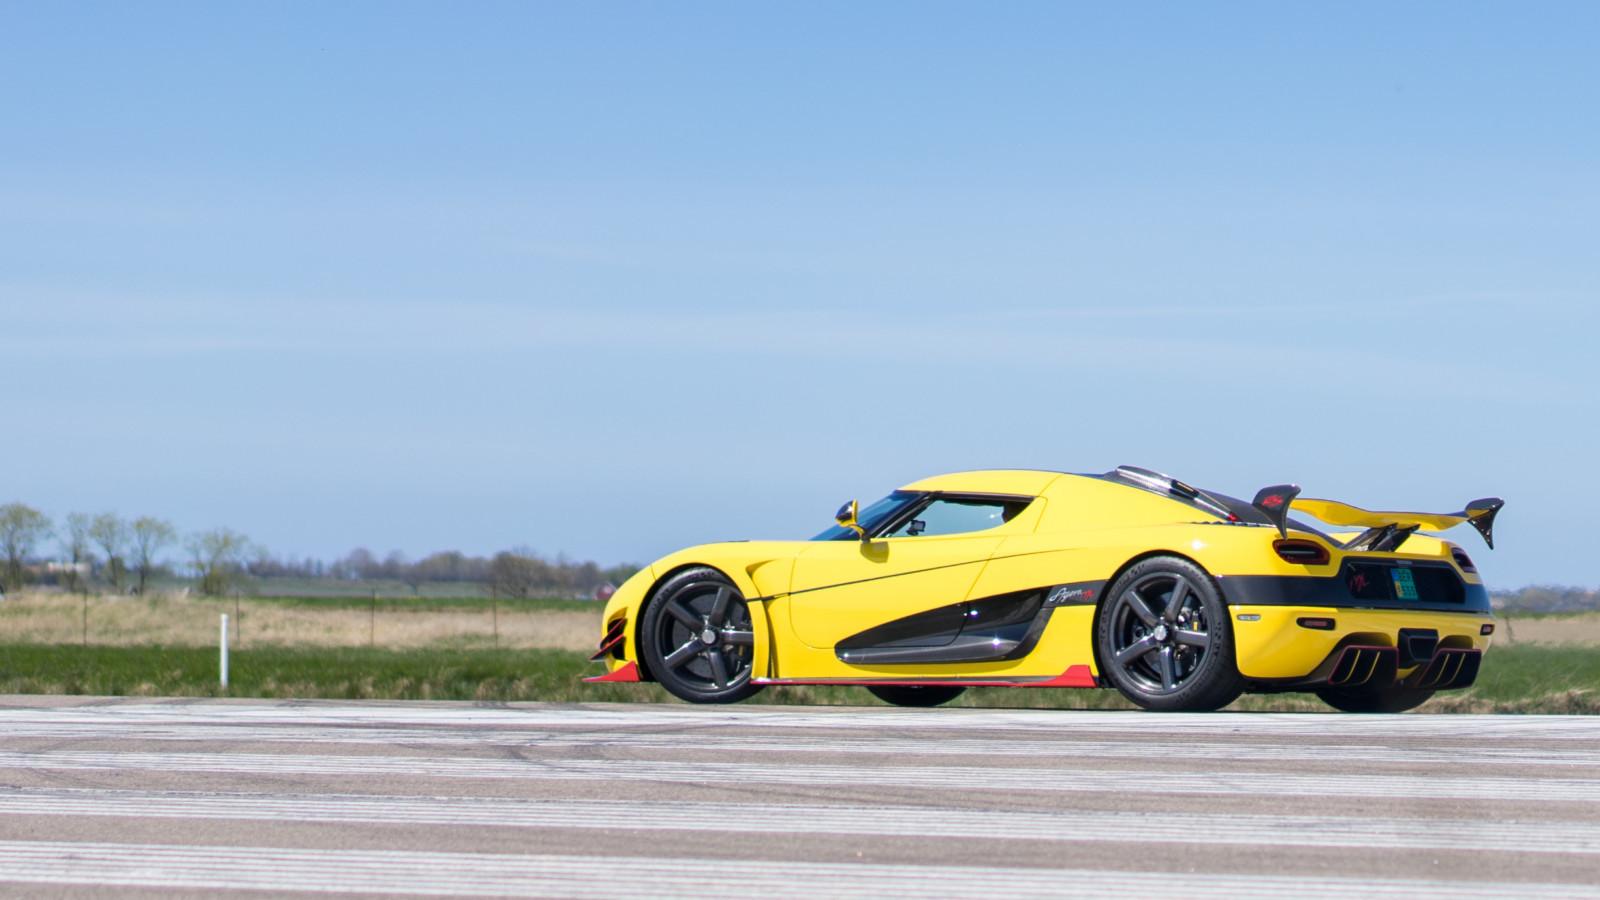 Самый быстрый автомобиль мира разогнали почти до458 километров